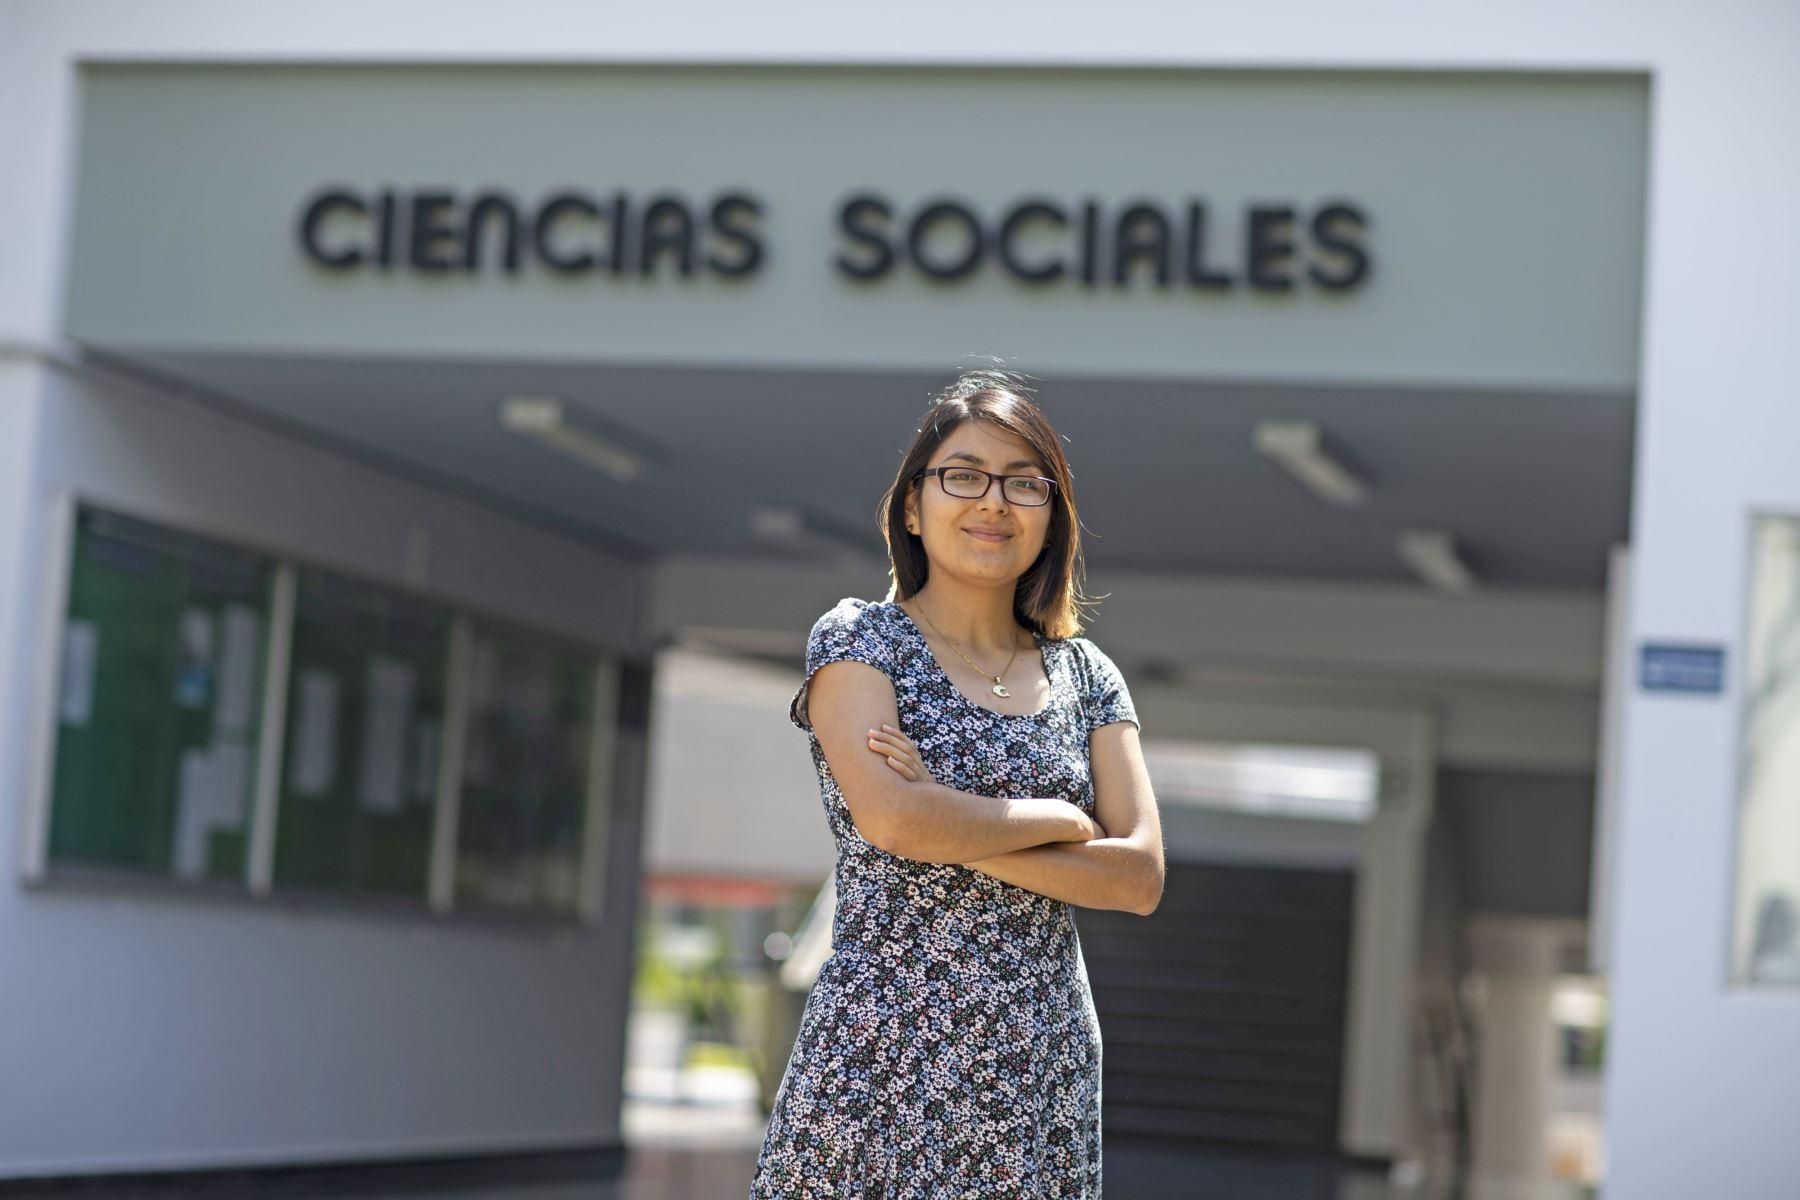 La joven nacida en Cajamarca estudió en el Colegio de Alto Rendimiento de Lima (COAR) y, gracias a una beca del BCP, estudió Ciencia Política y Gobierno en la citada universidad, logrando primer puesto de su especialidad, donde ya se licenció.Foto: PUCP